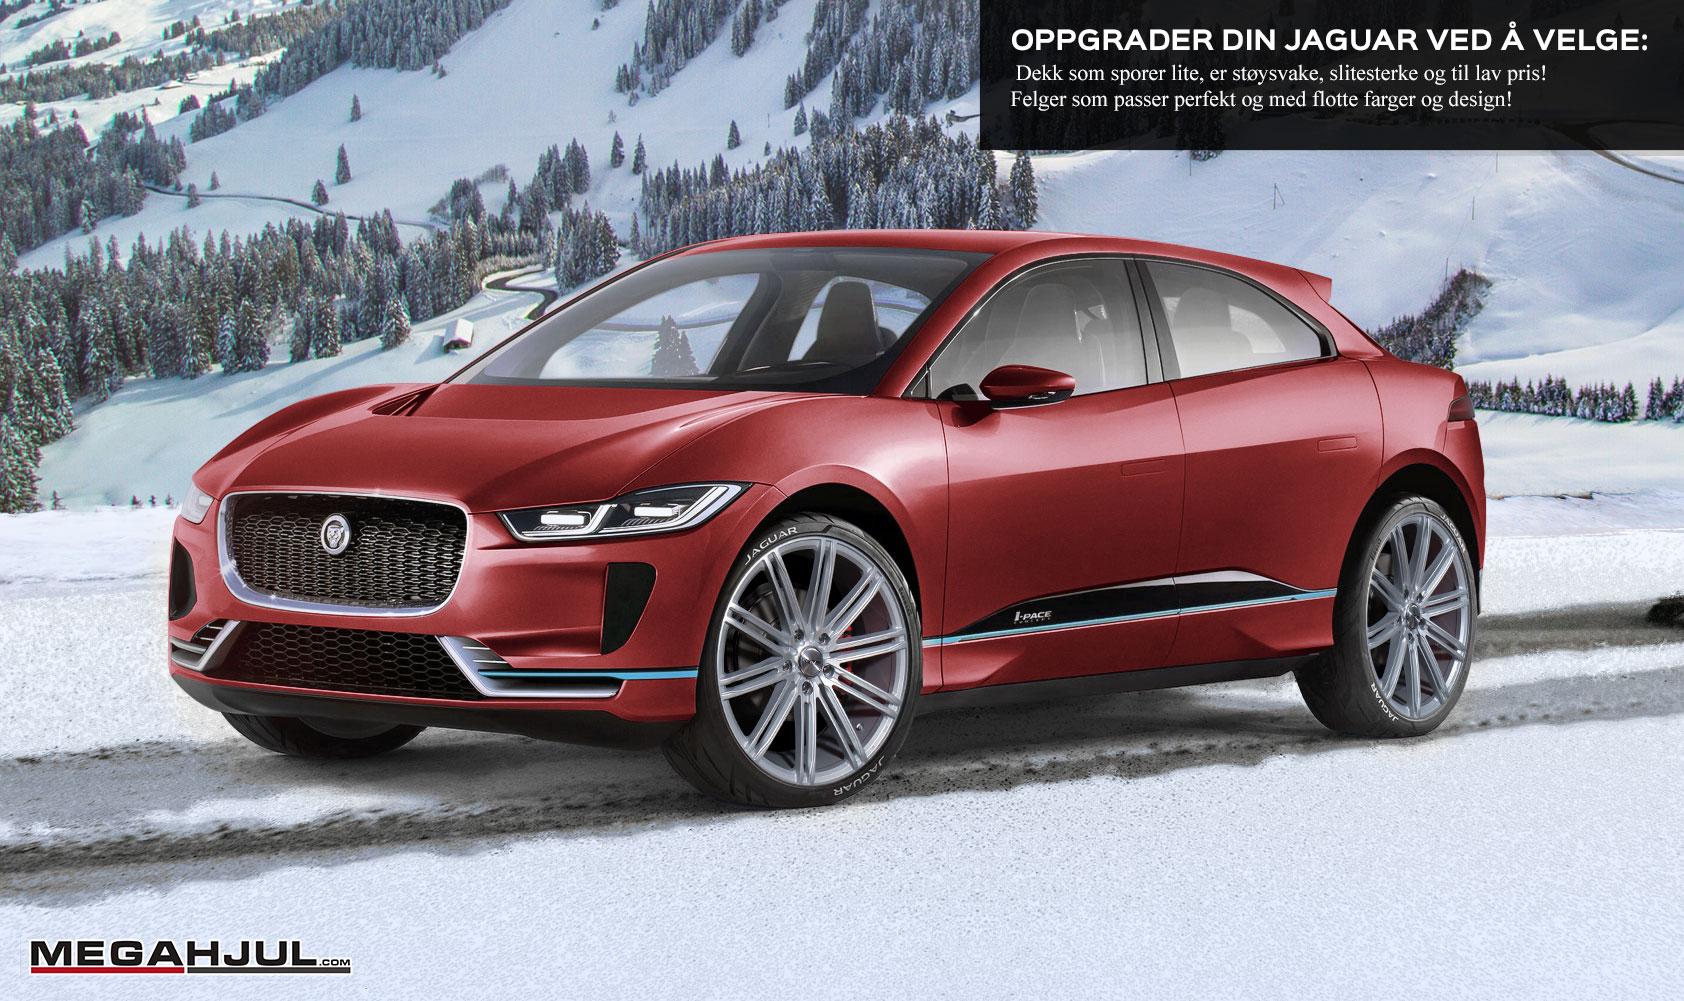 vinterhjulpakke til Jaguar I-pace